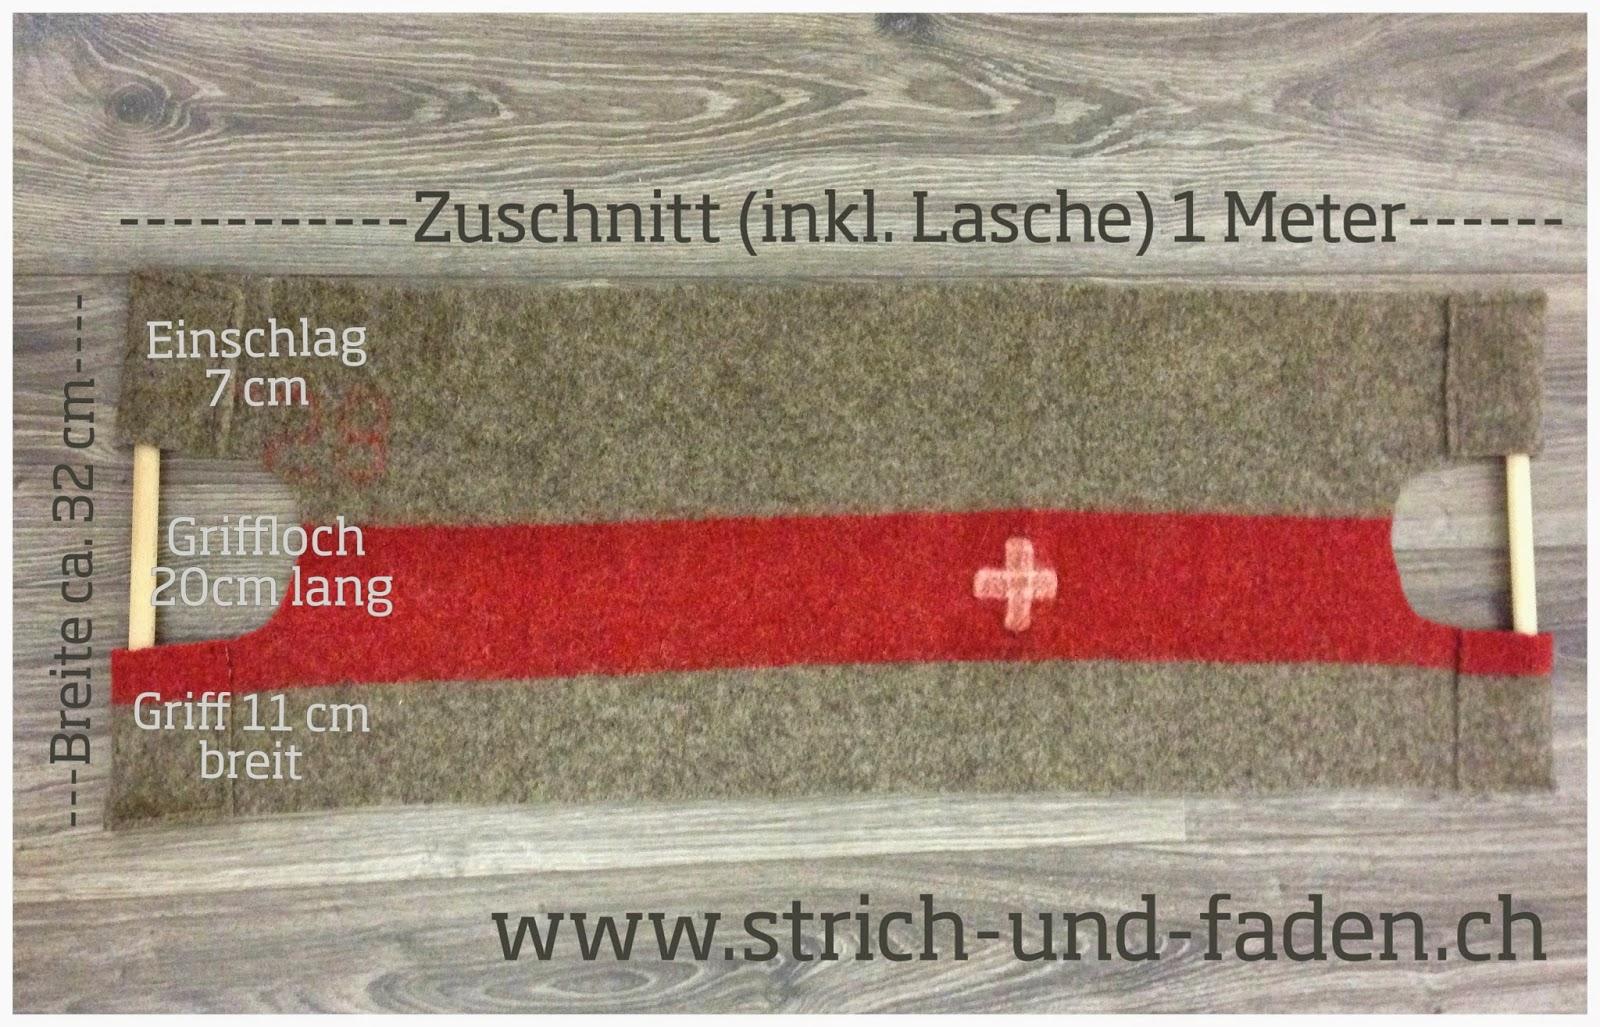 mit Strich und Faden | Kaminfeuertasche DIY Anleitung